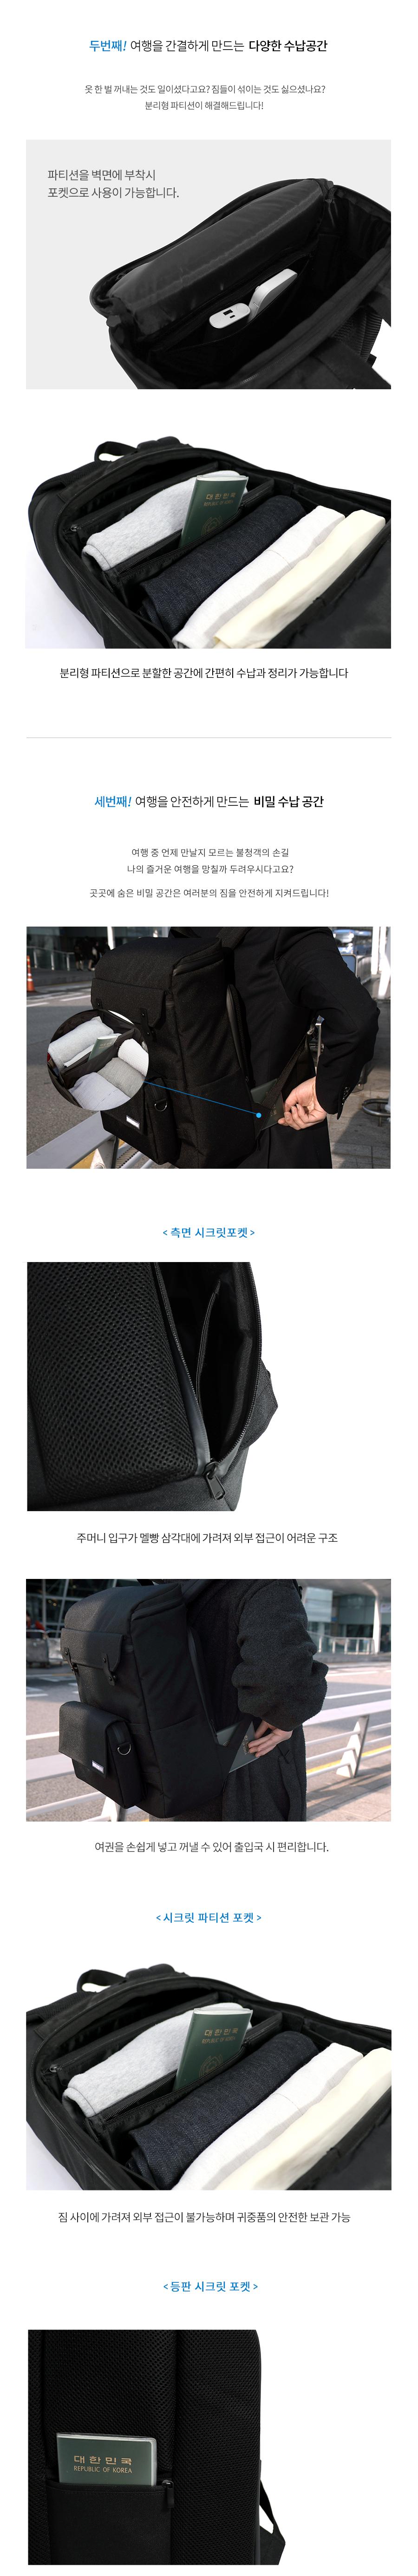 여행용백팩 | 여행가방 | 내일로 가방 | 내일로 | 홍콩 | 오사카 | 트래블러스 하이